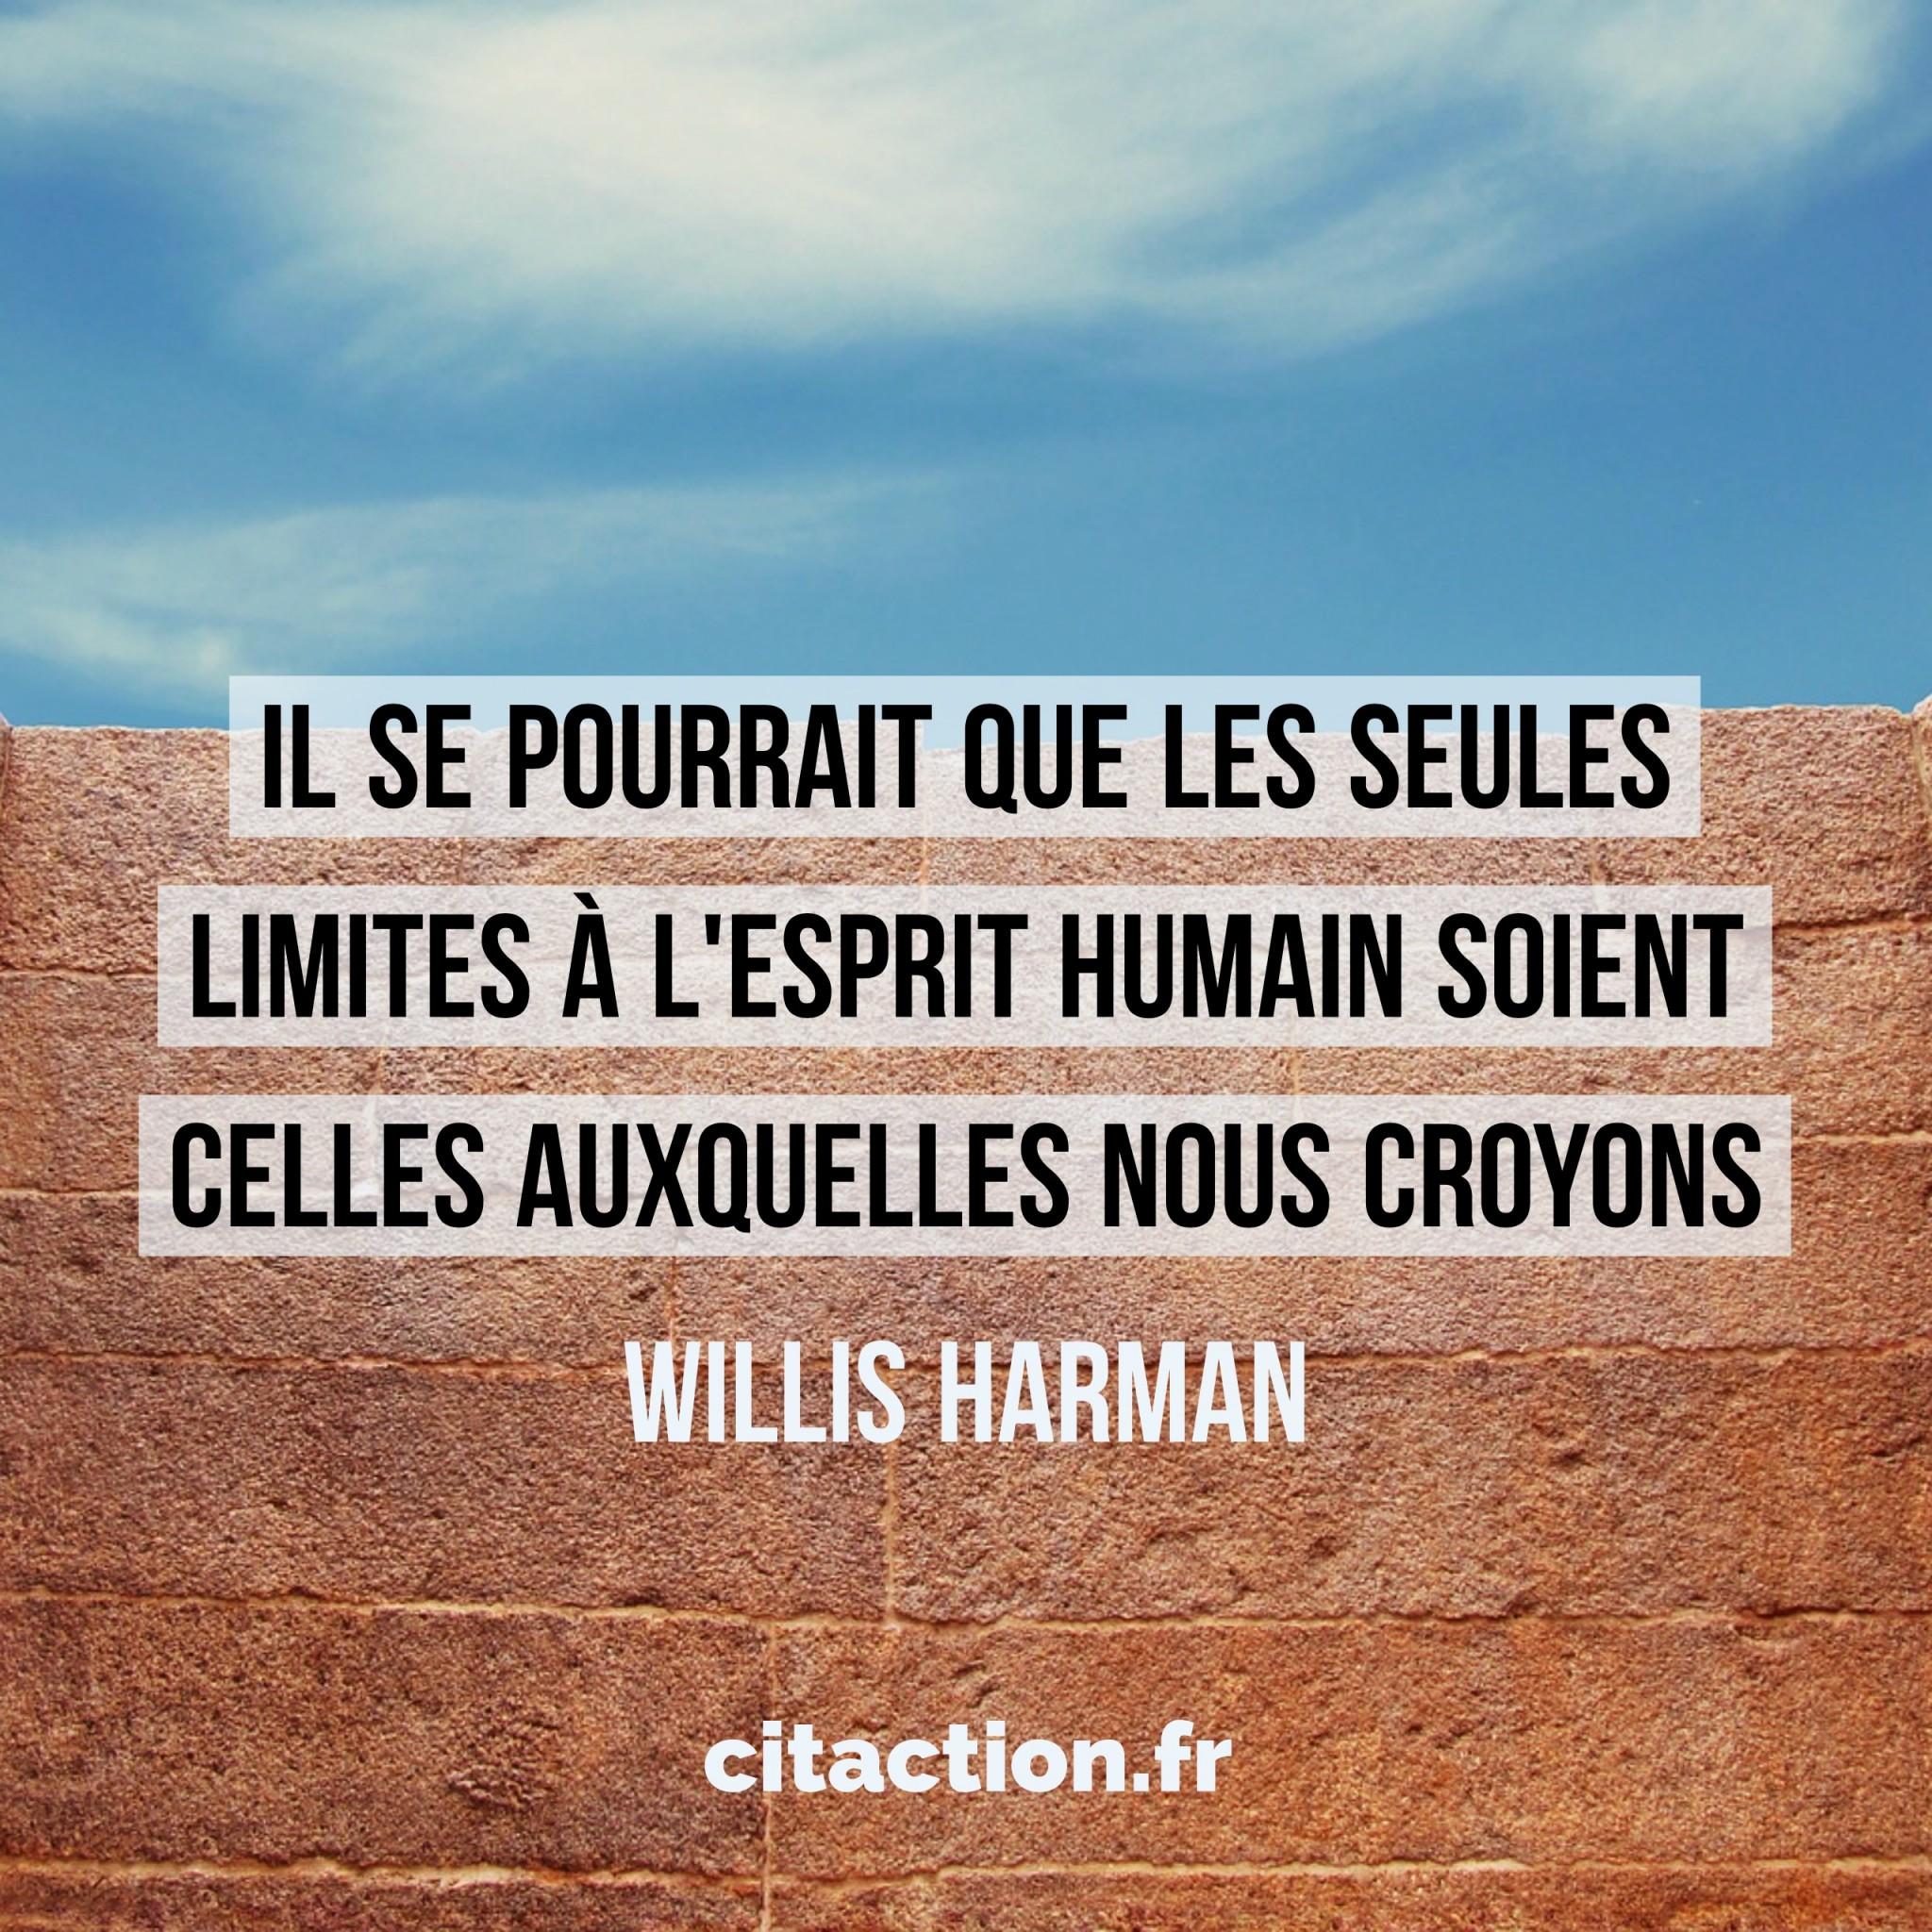 Il se pourrait que les seules limites à l'esprit humain soient celles auxquelles nous croyons